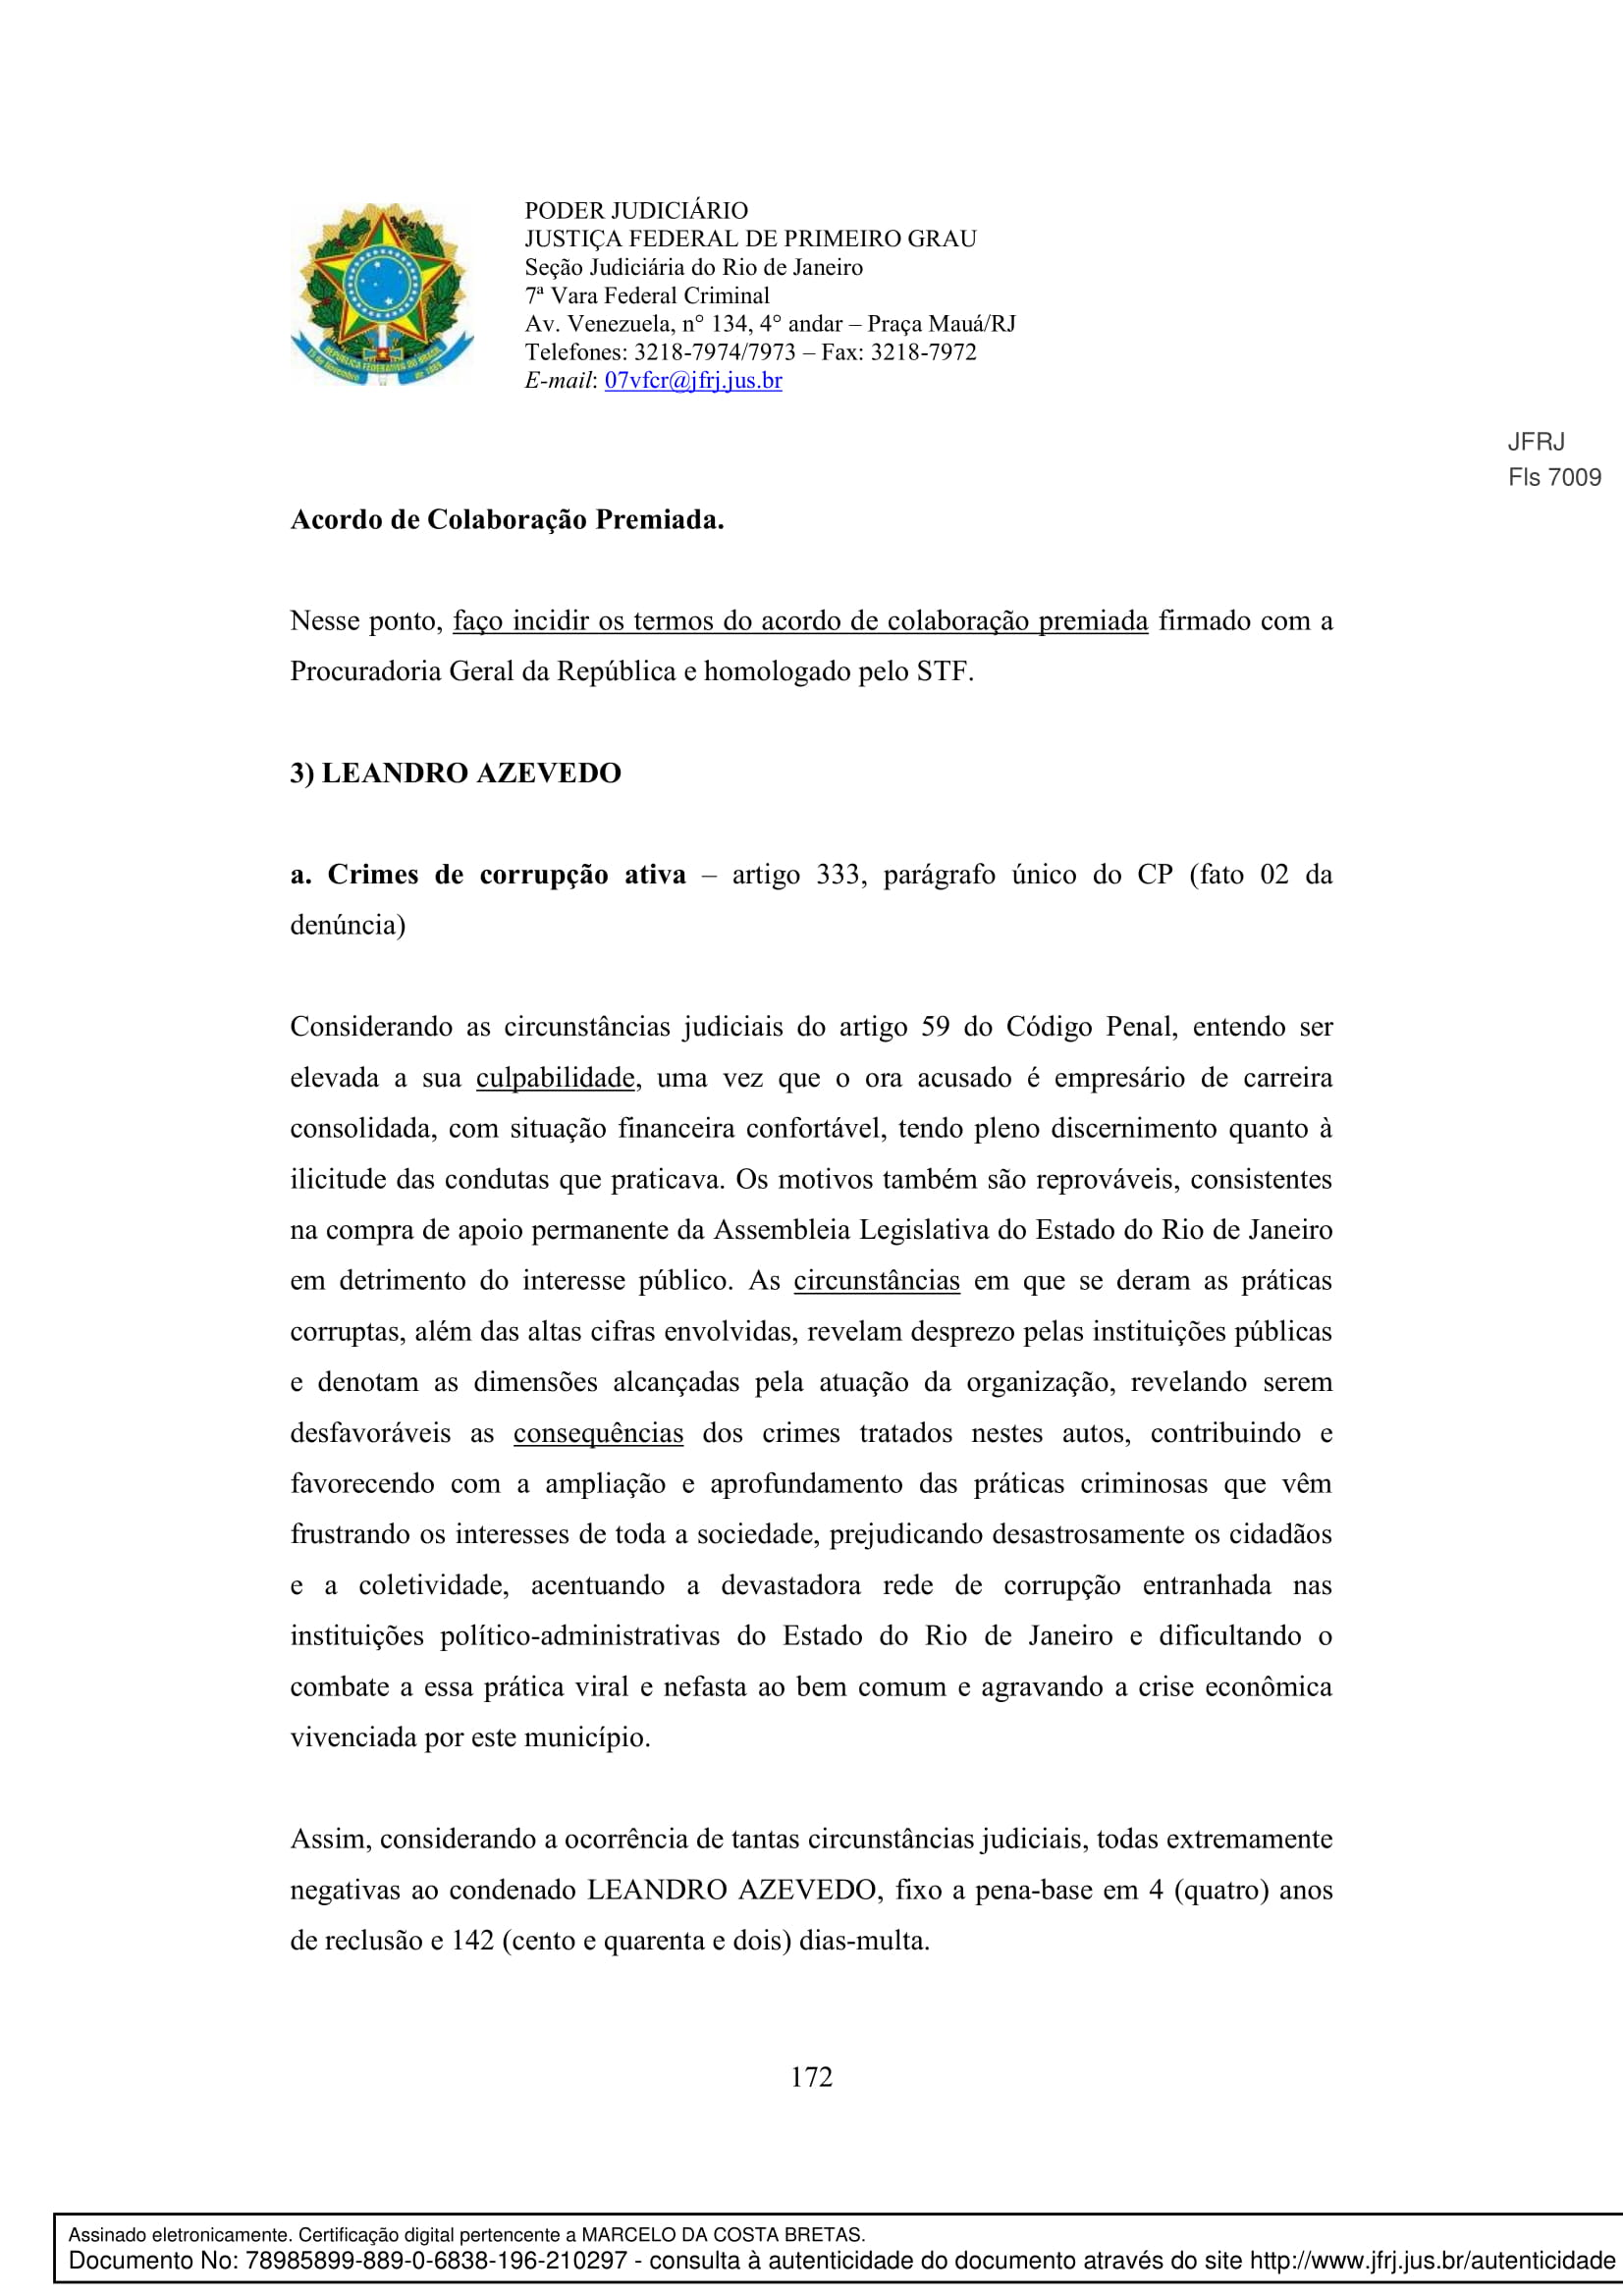 Sentenca-Cadeia-Velha-7VFC-172